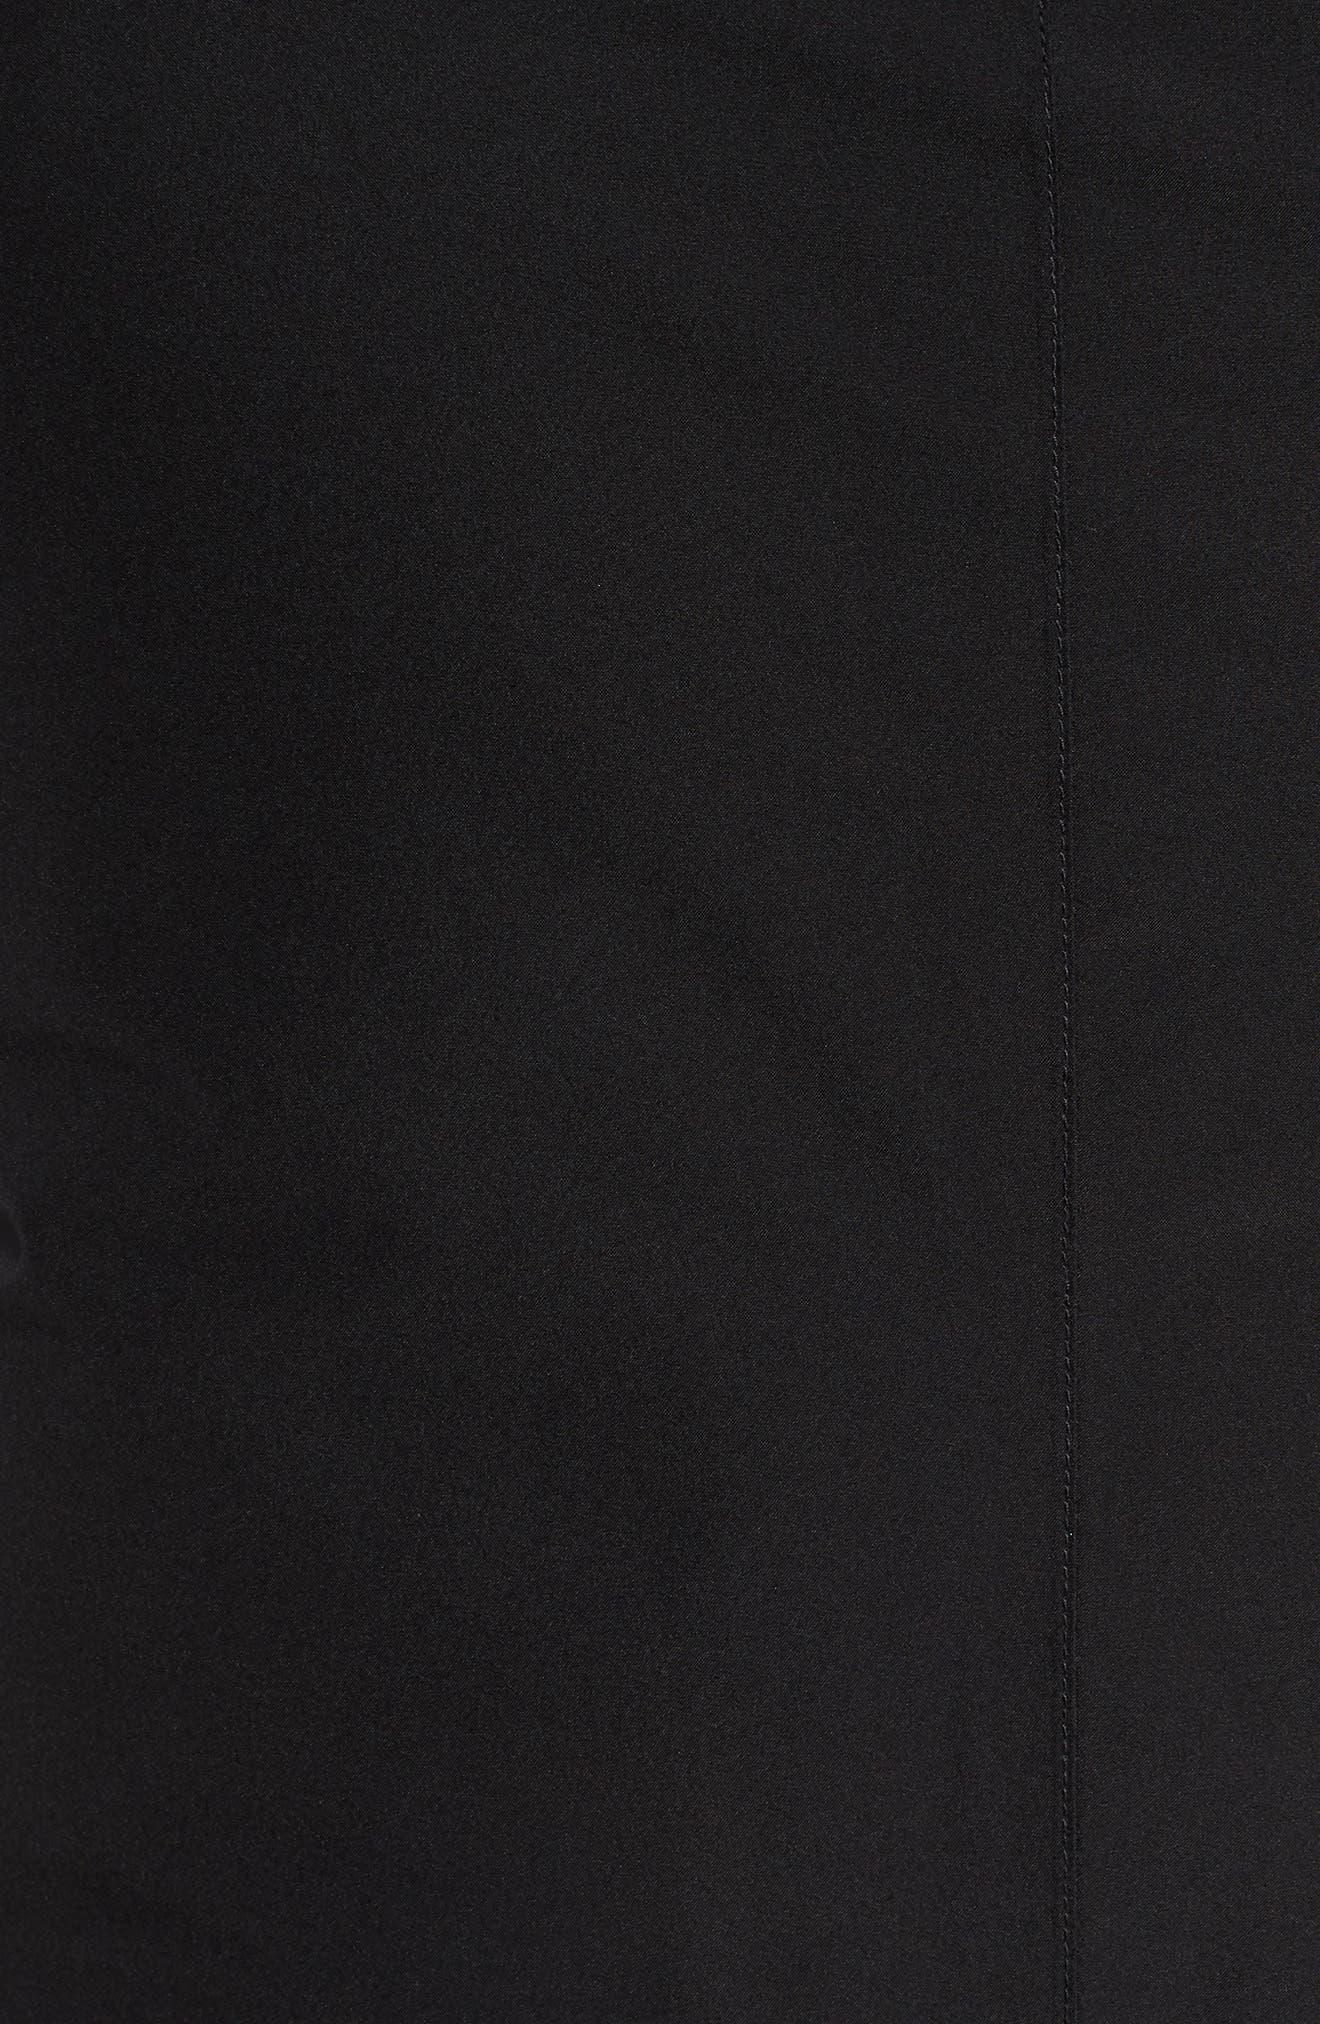 Paddock 3-in-1 Gore-Tex<sup>®</sup> Regular Fit Anorak,                             Alternate thumbnail 7, color,                             BLACK